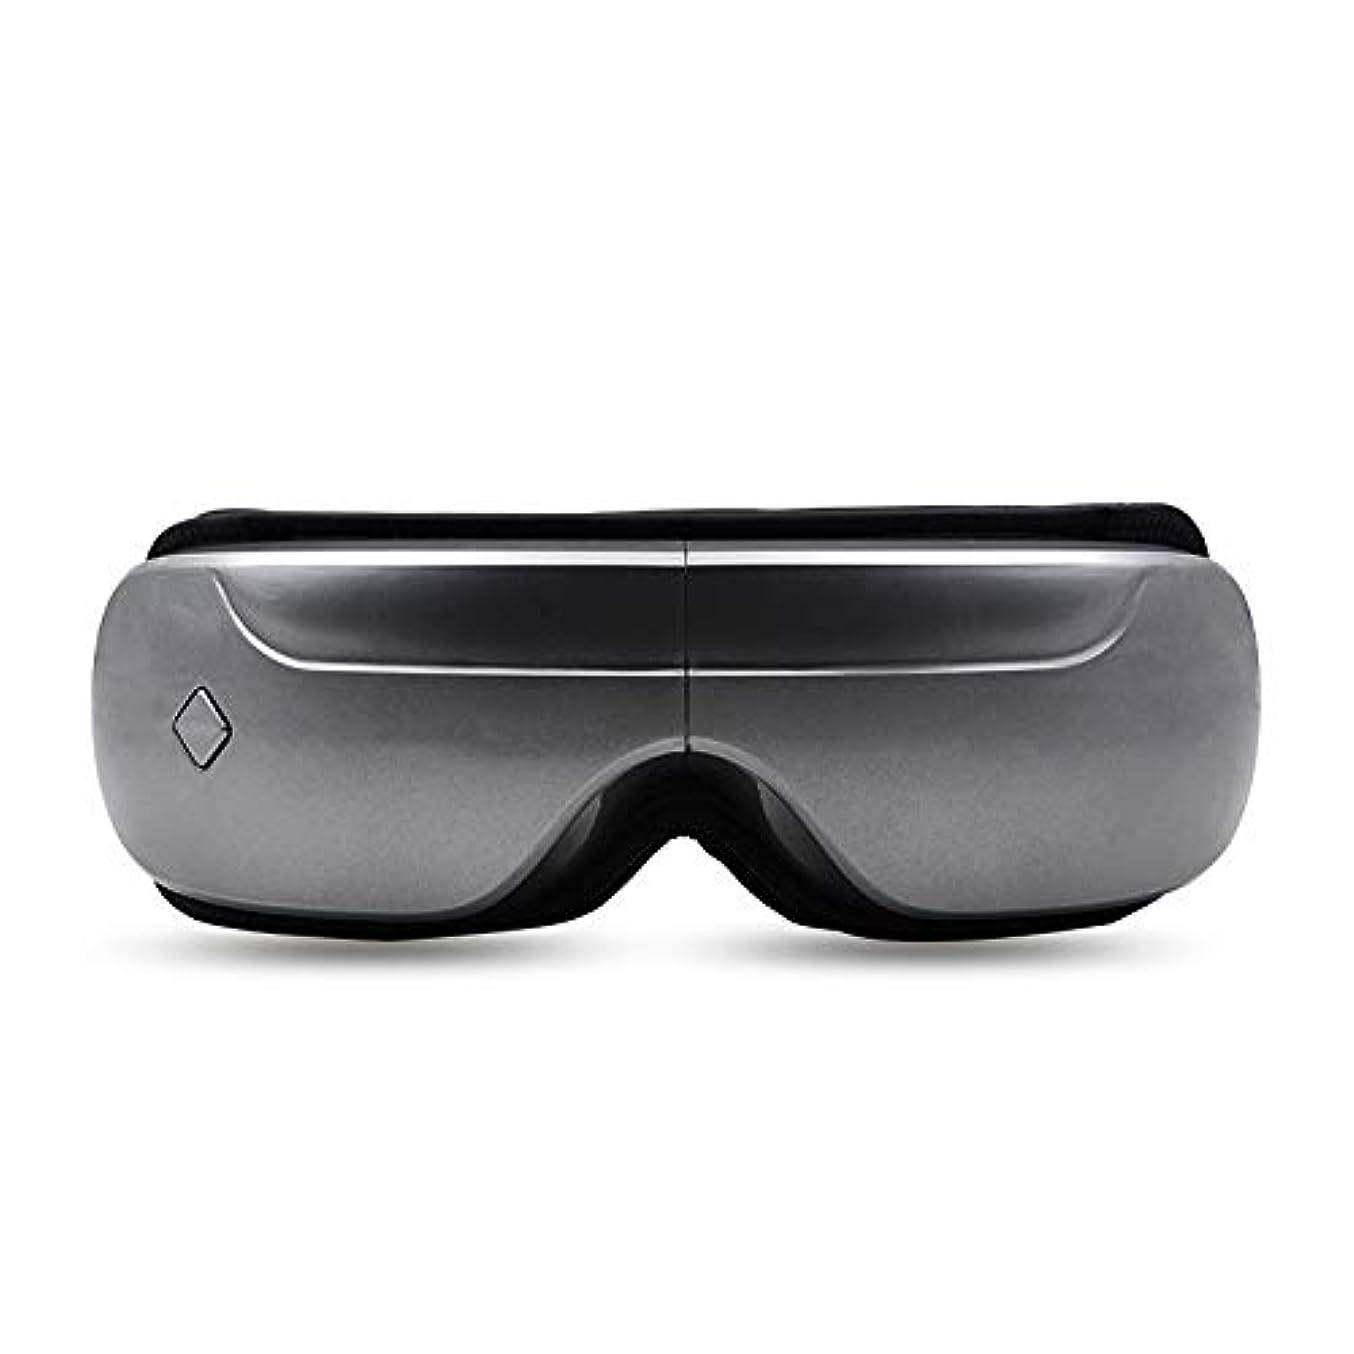 ゴミ箱を空にするバスケットボールみすぼらしいワイヤレスアイマッサージャーなだめるような疲れ目を保護する器具で、近方視力のアイマッサージャーを改善する,Gray